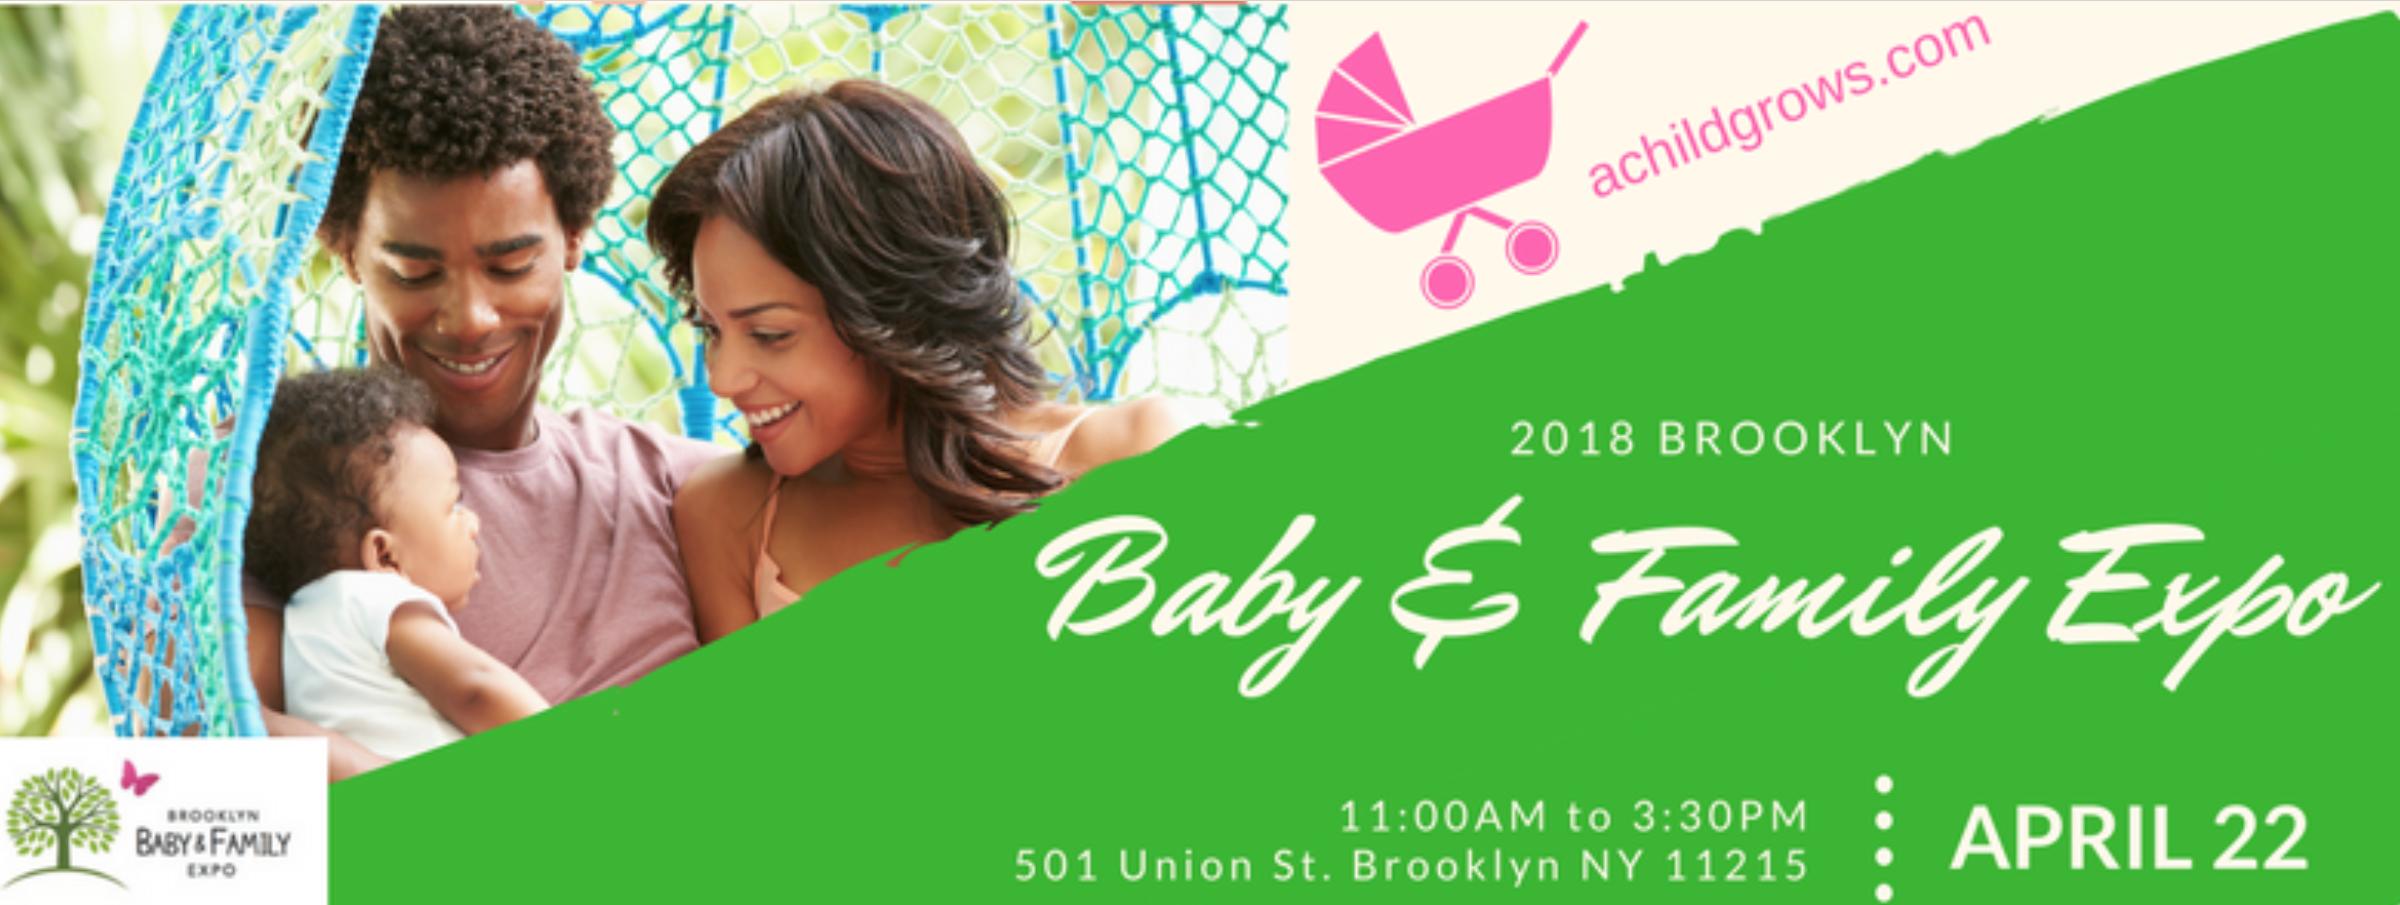 Brooklyn Baby & Family Expo